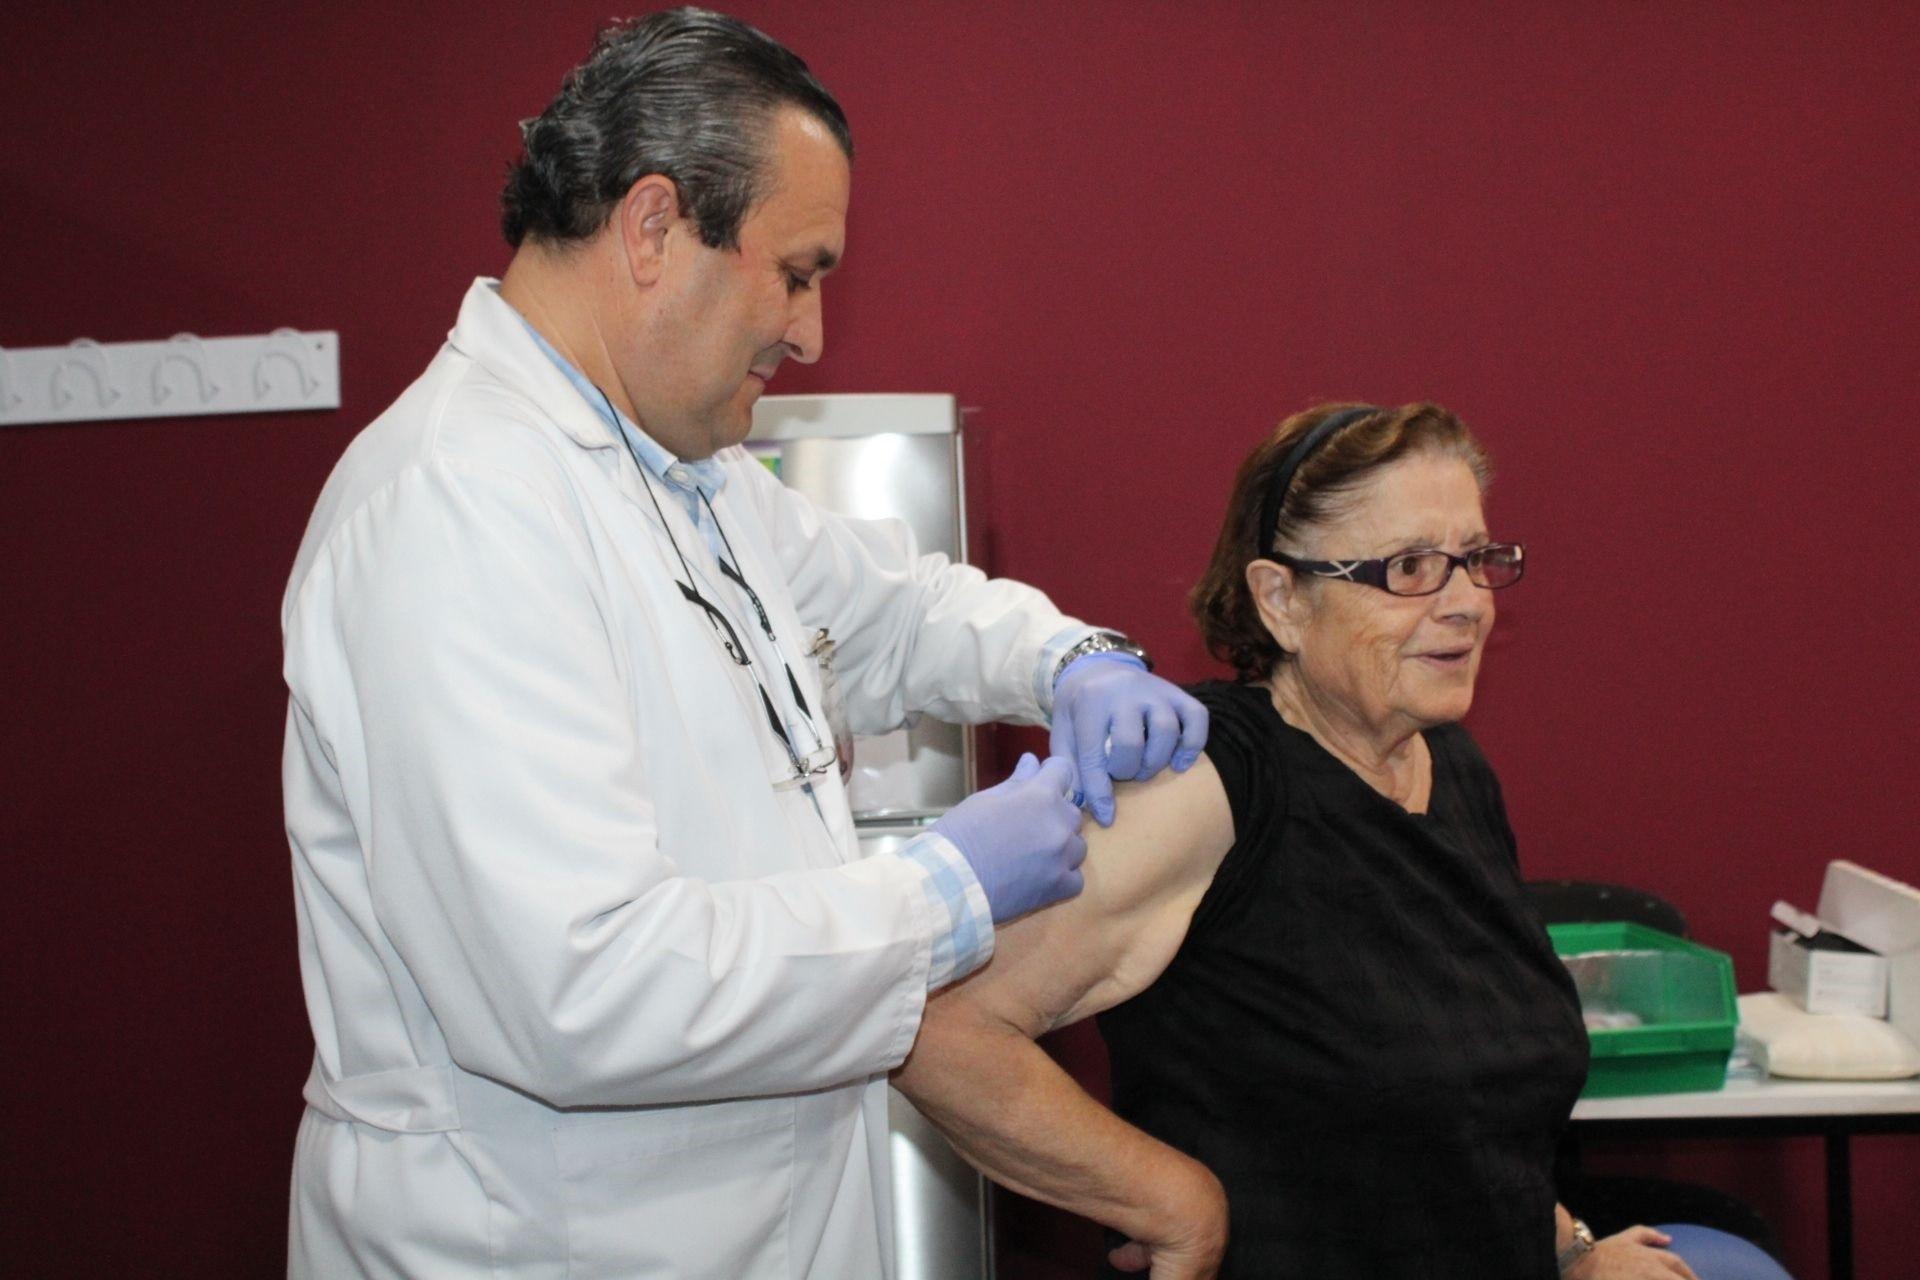 Ningún país europeo llega al 75% de vacunación contra la gripe en grupos vulnerables